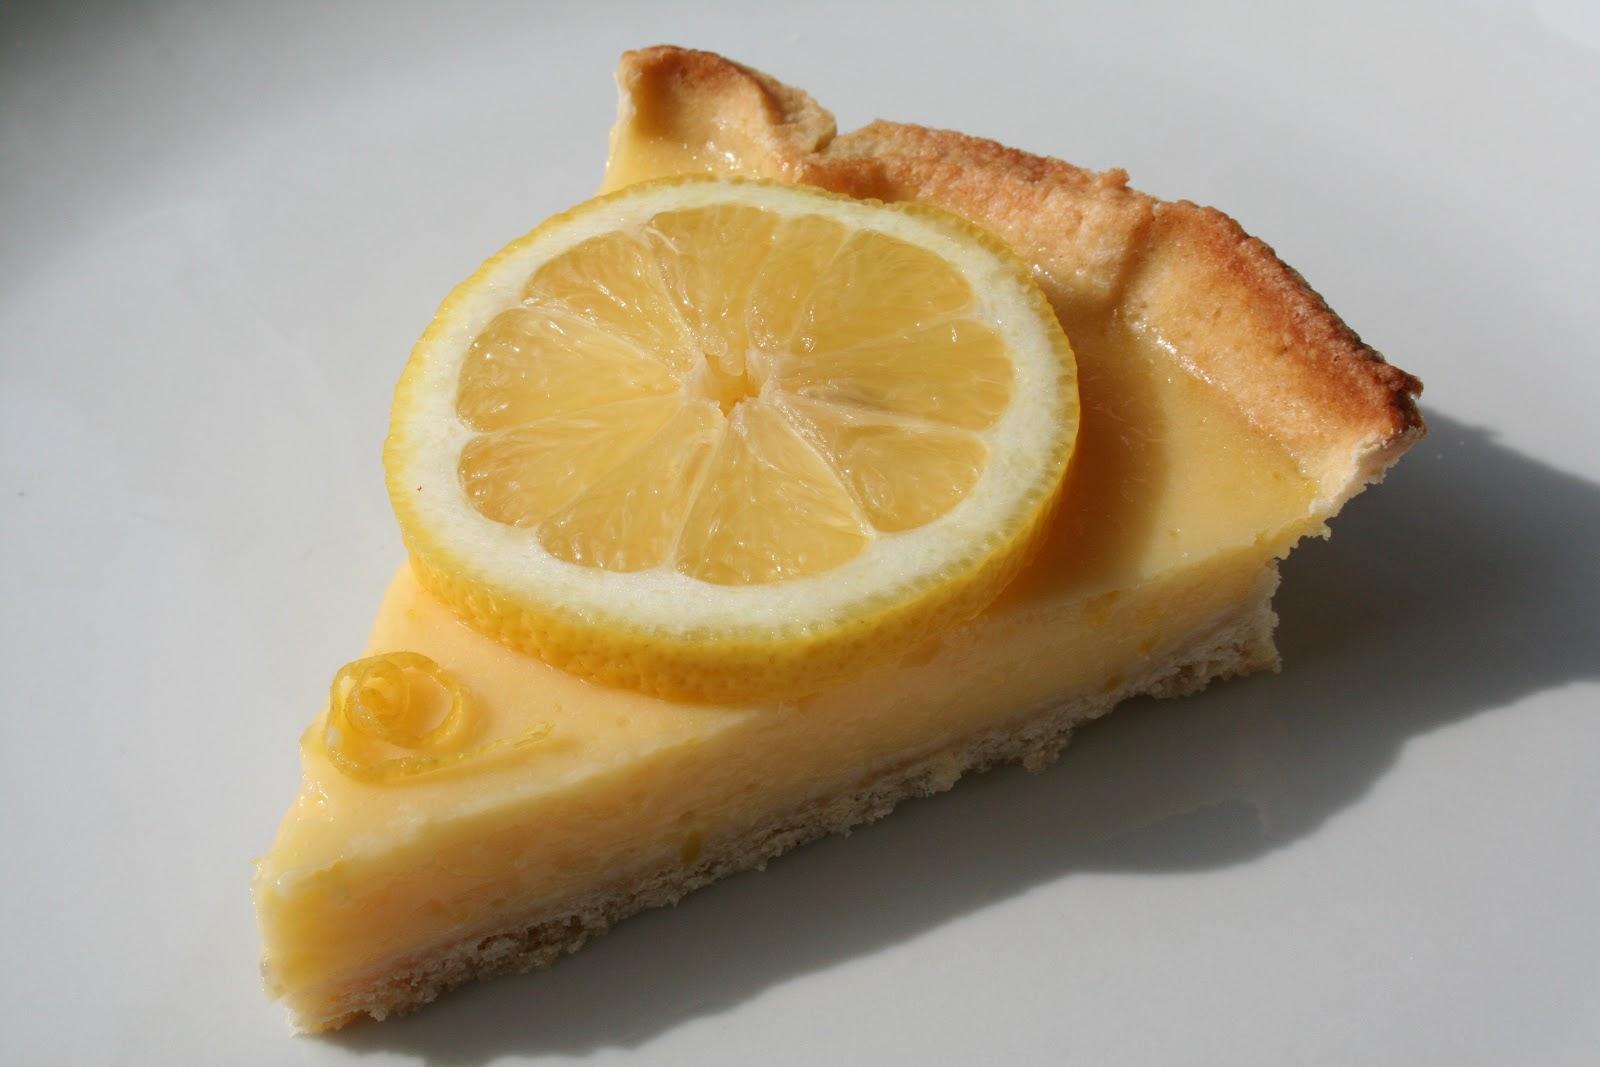 Tarte au citron fais p ter la recette - Recette tarte au citron simple ...